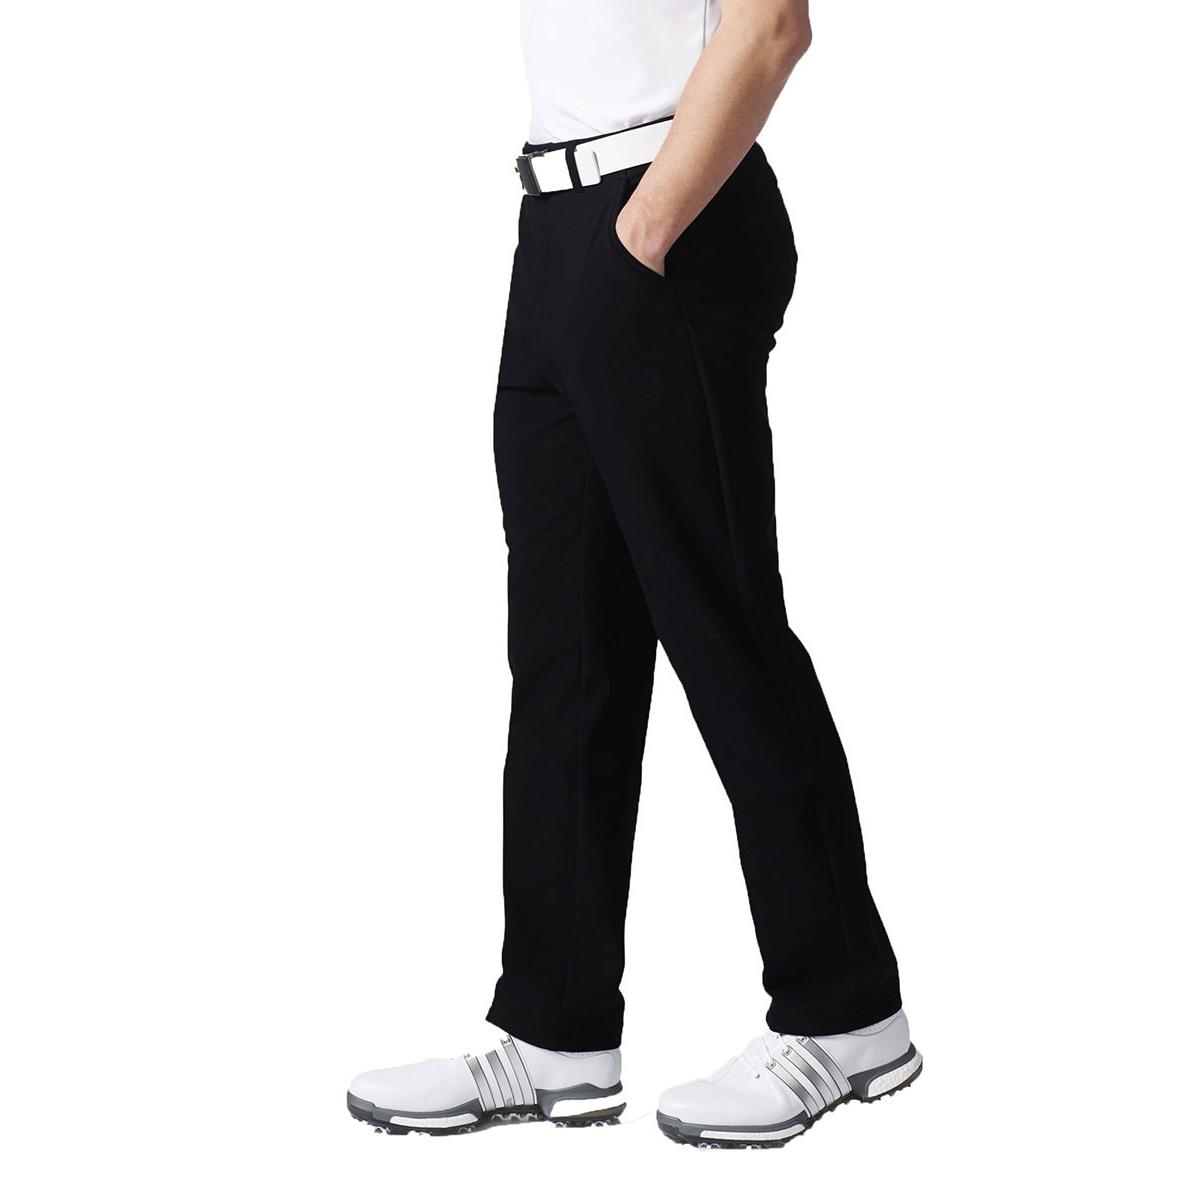 a698085164d adidas Golf Climawarm Golf Trousers | Online Golf